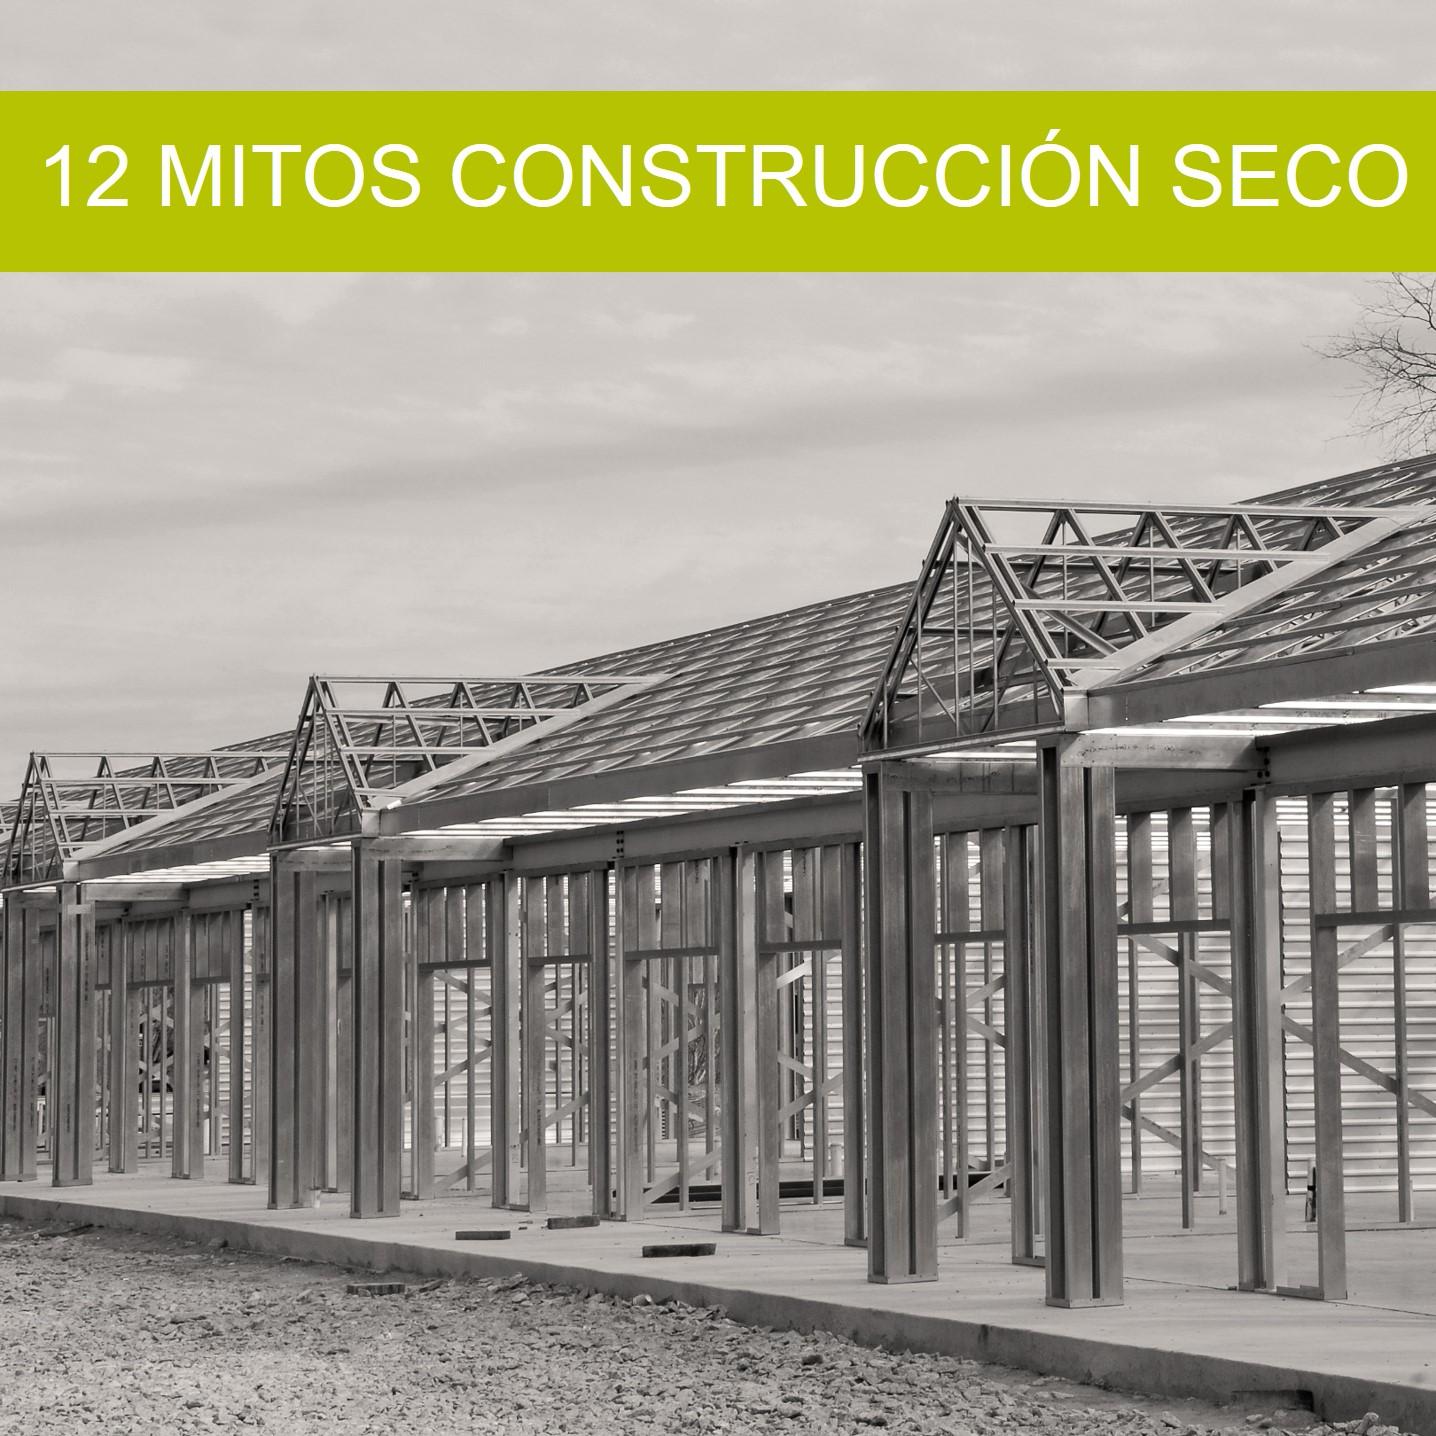 12 MITOS SOBRE LA CONSTRUCCIÓN EN SECO